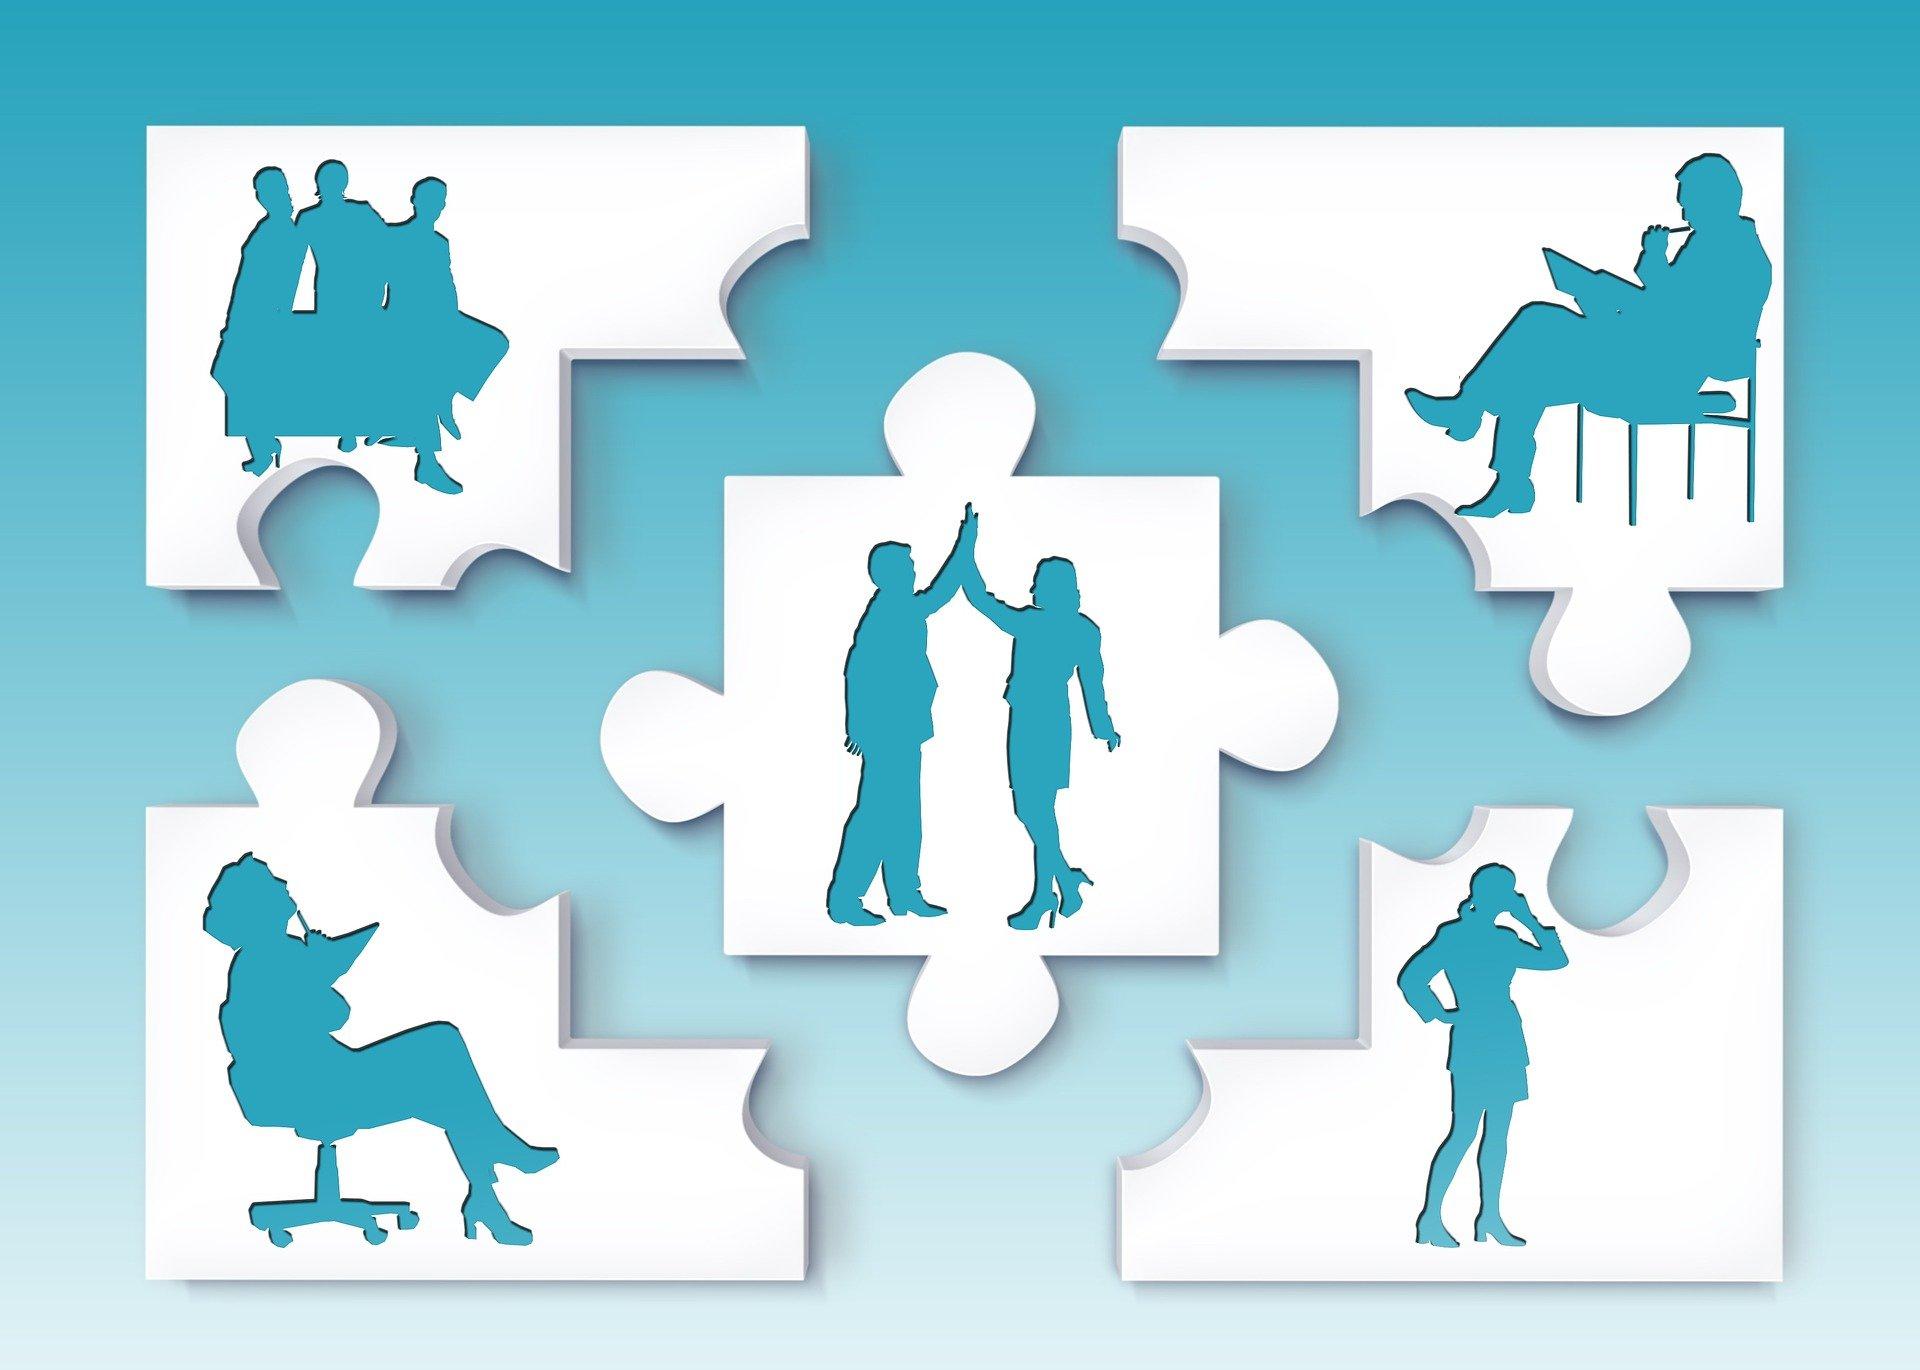 【米国 2021年6月23日(水)】米国パソナ主催ウェビナー「在米日系企業が抱える人事組織の課題~優秀な人材獲得のための適切な採用プロセスと人事部のあるべき姿~」